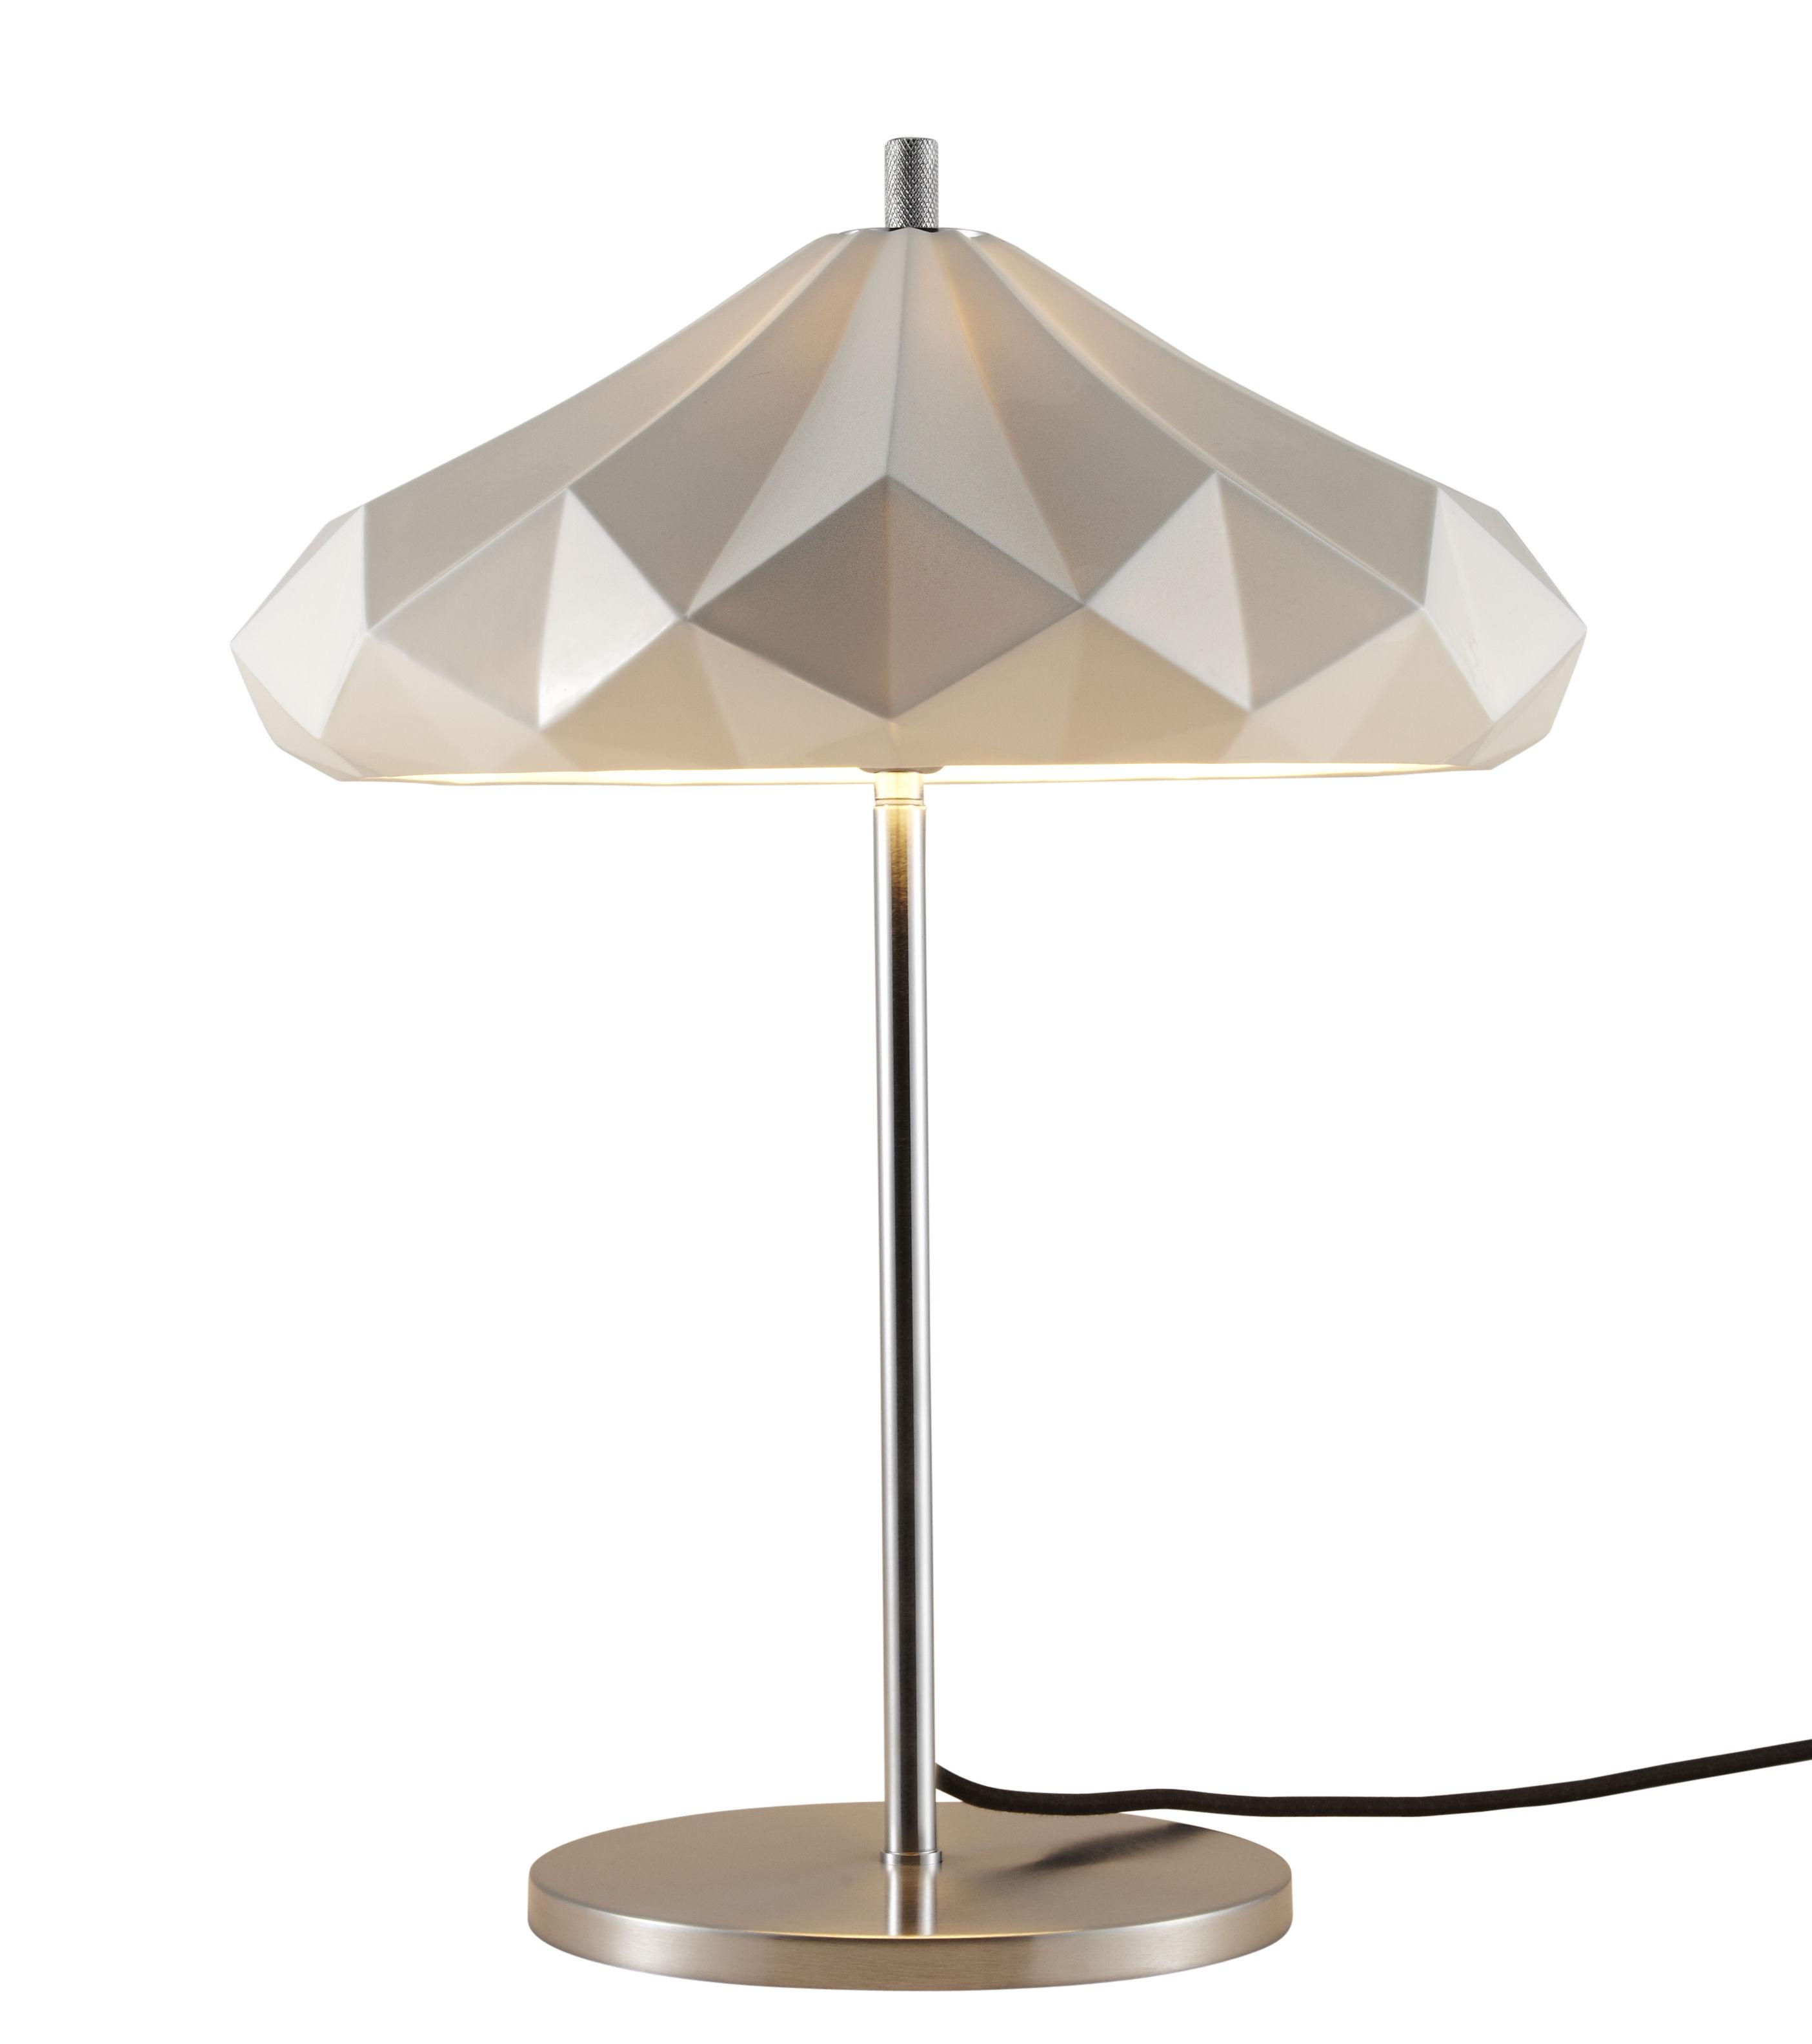 Illuminazione - Lampade da tavolo - Lampada da tavolo Hatton 4 - / H 54 cm - Porcellana di Original BTC - Porcellana bianca / Piede cromato - Metallo cromato, Porcellana